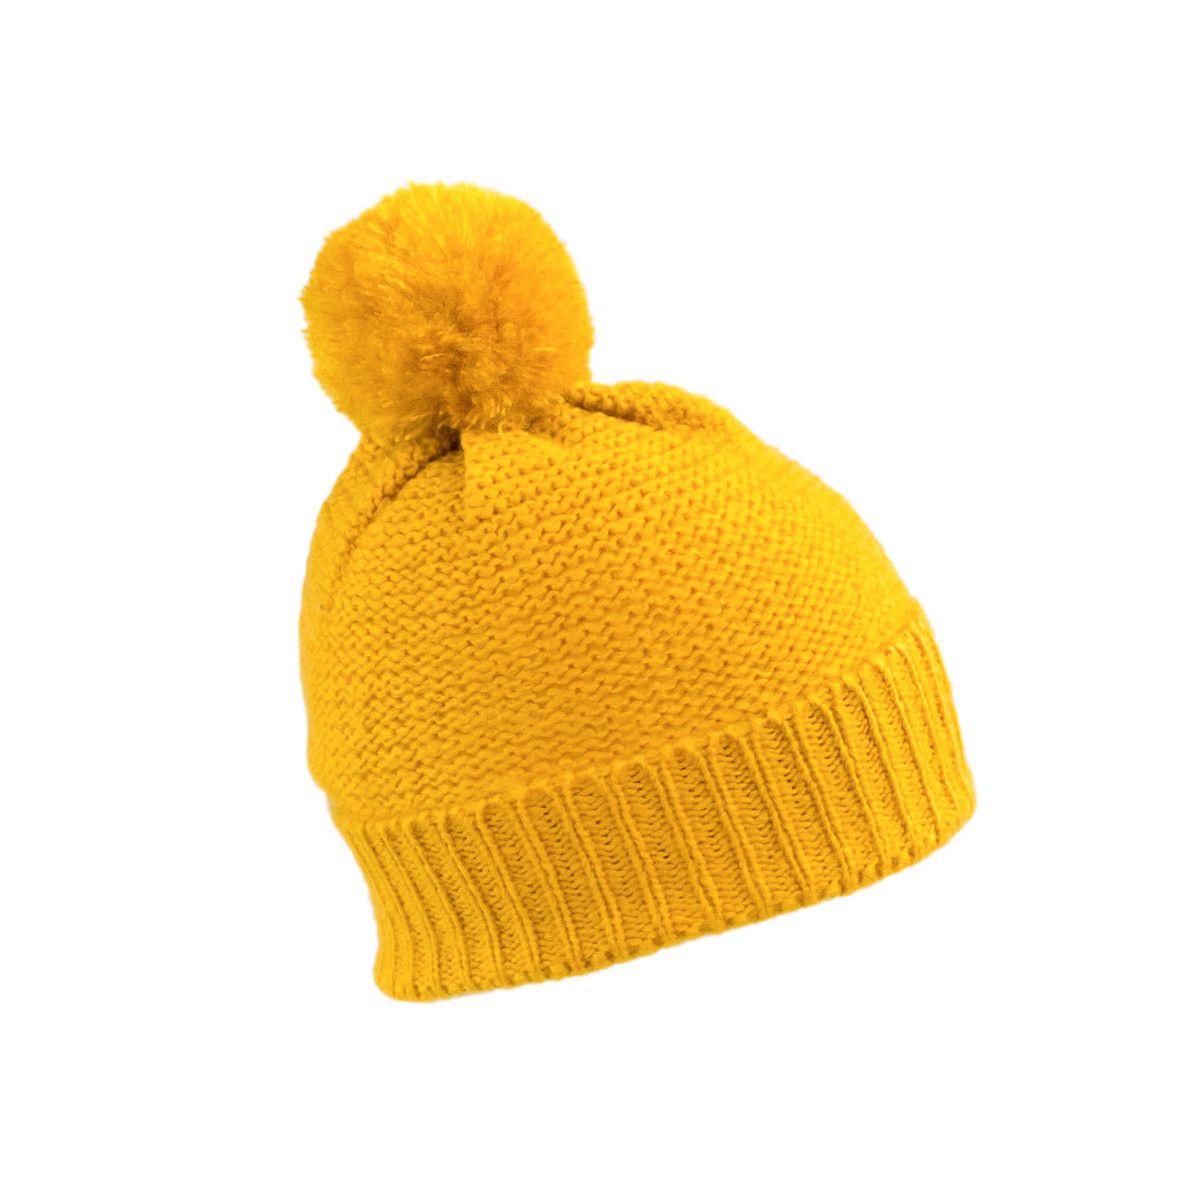 Bonnet laine pompon jaune moutarde